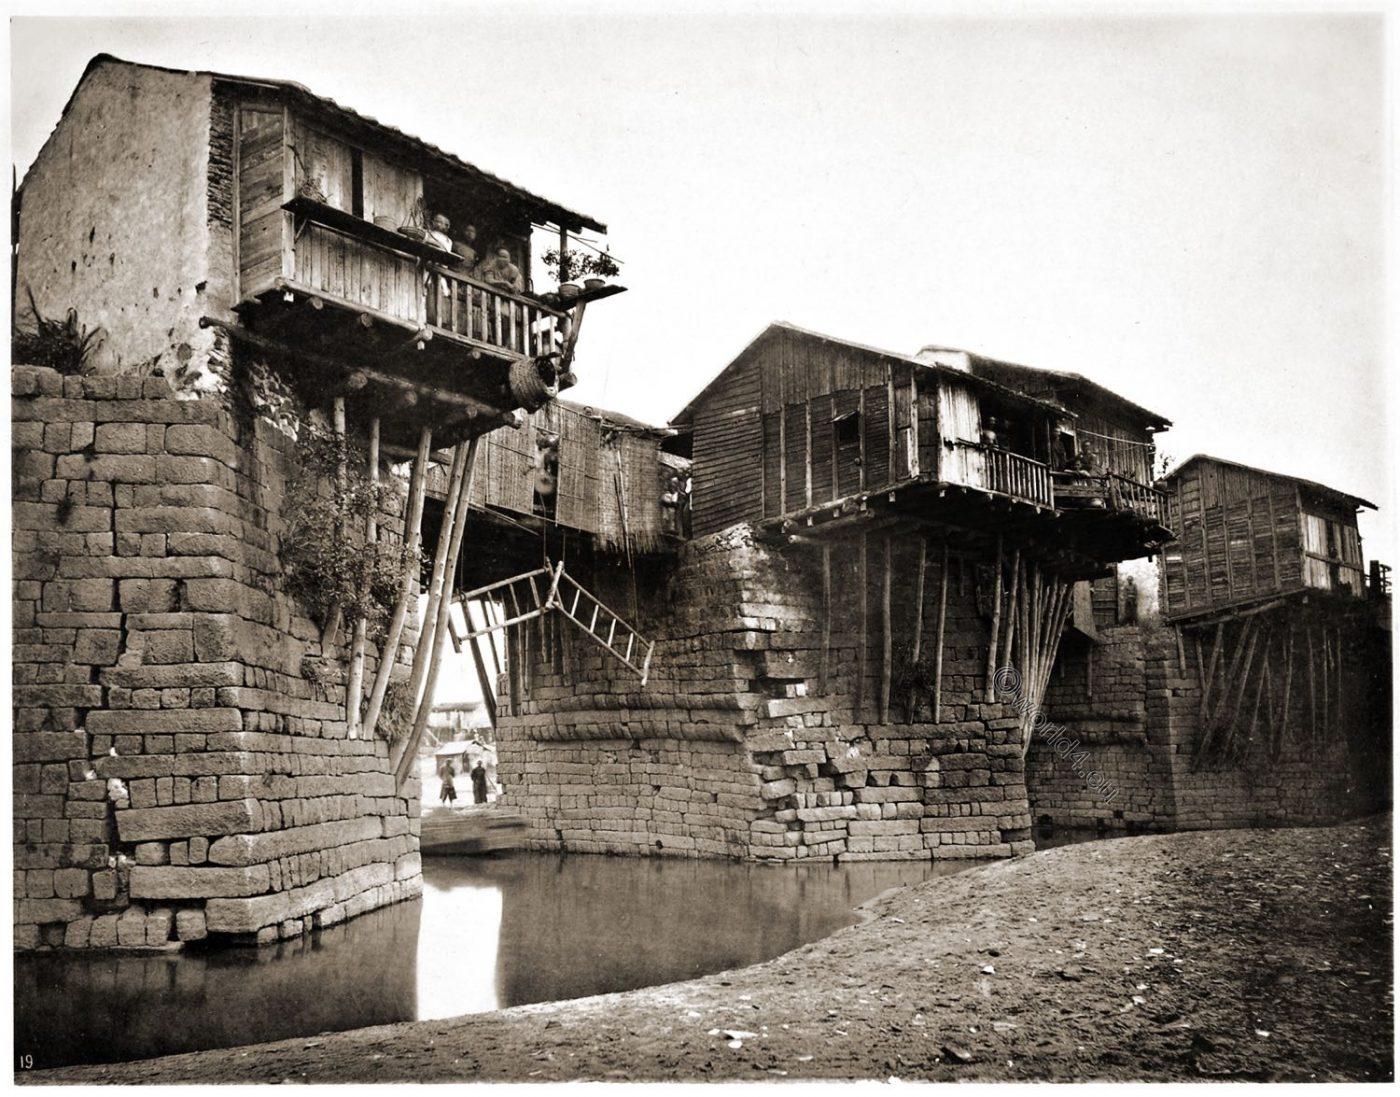 广济桥;, 廣濟橋, Guangji, Xiangzi Bridge, China, Chaozhou, Guangdong